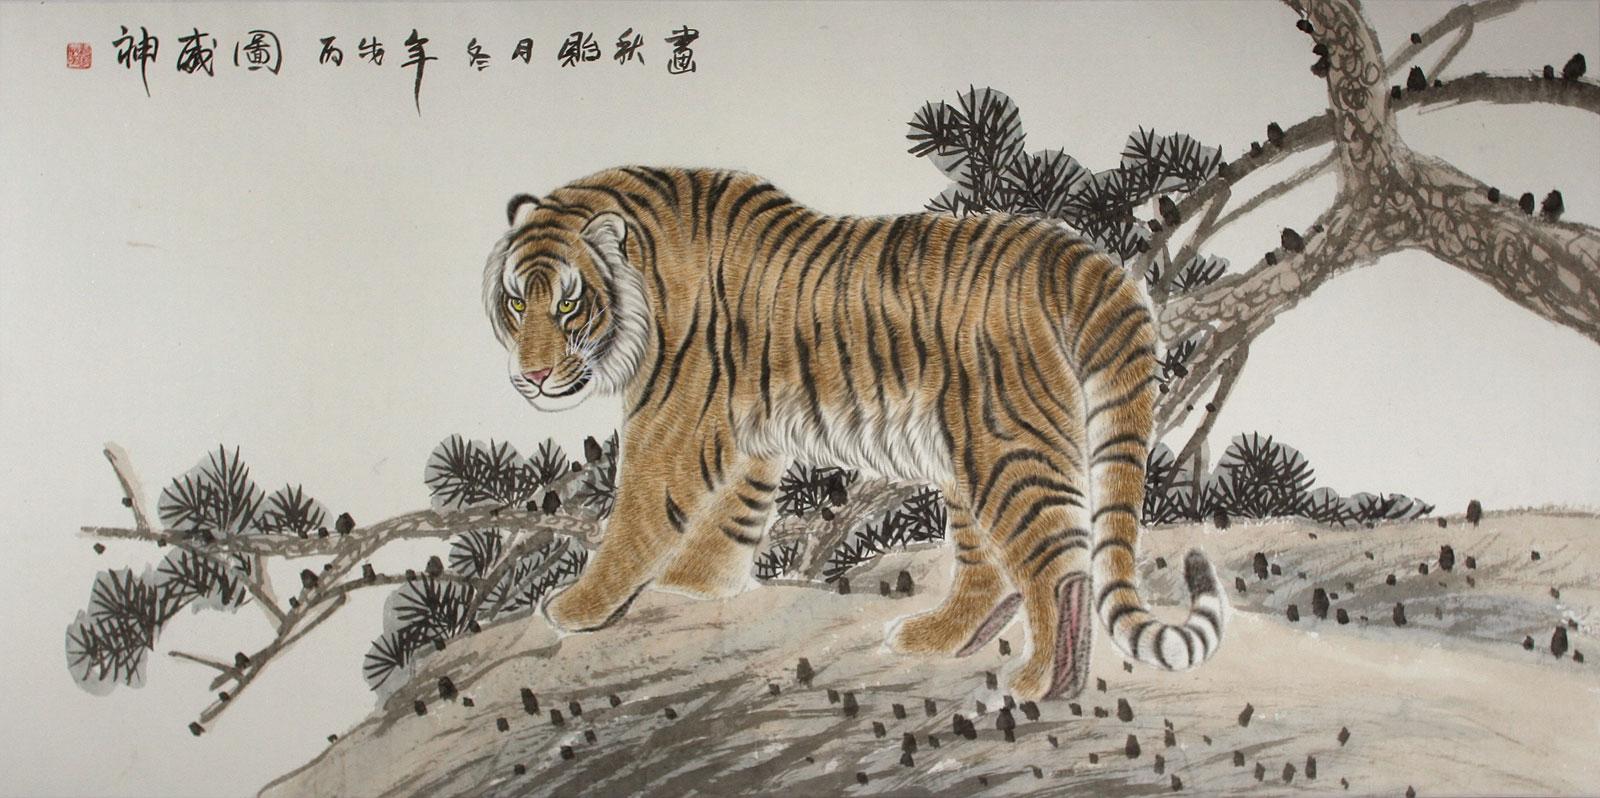 Nunca montes o dorso do tigre